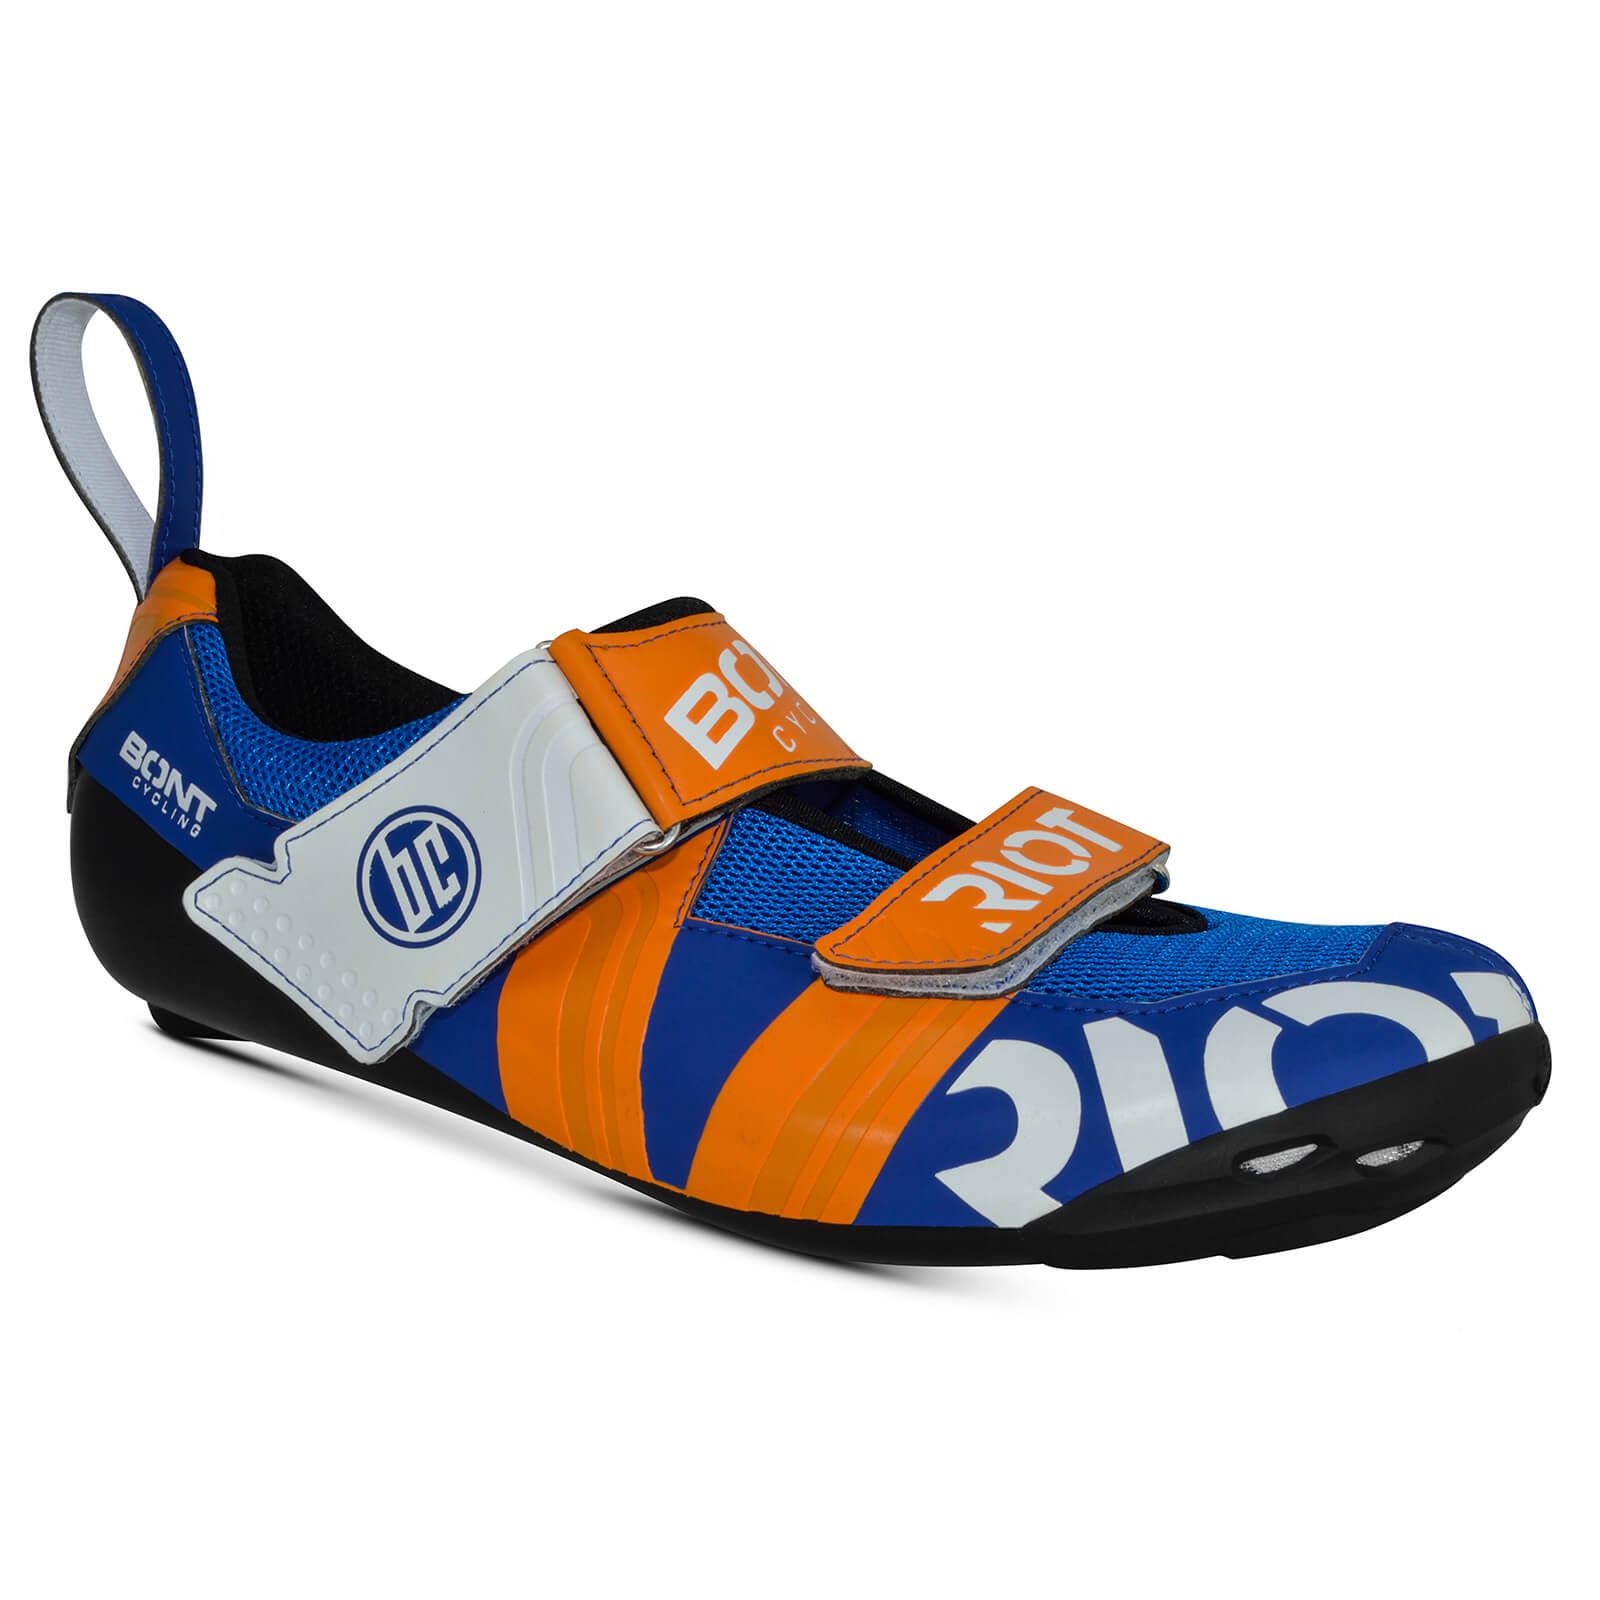 Bont Riot TR+ Road Shoes - EU 41 - Blue/Red